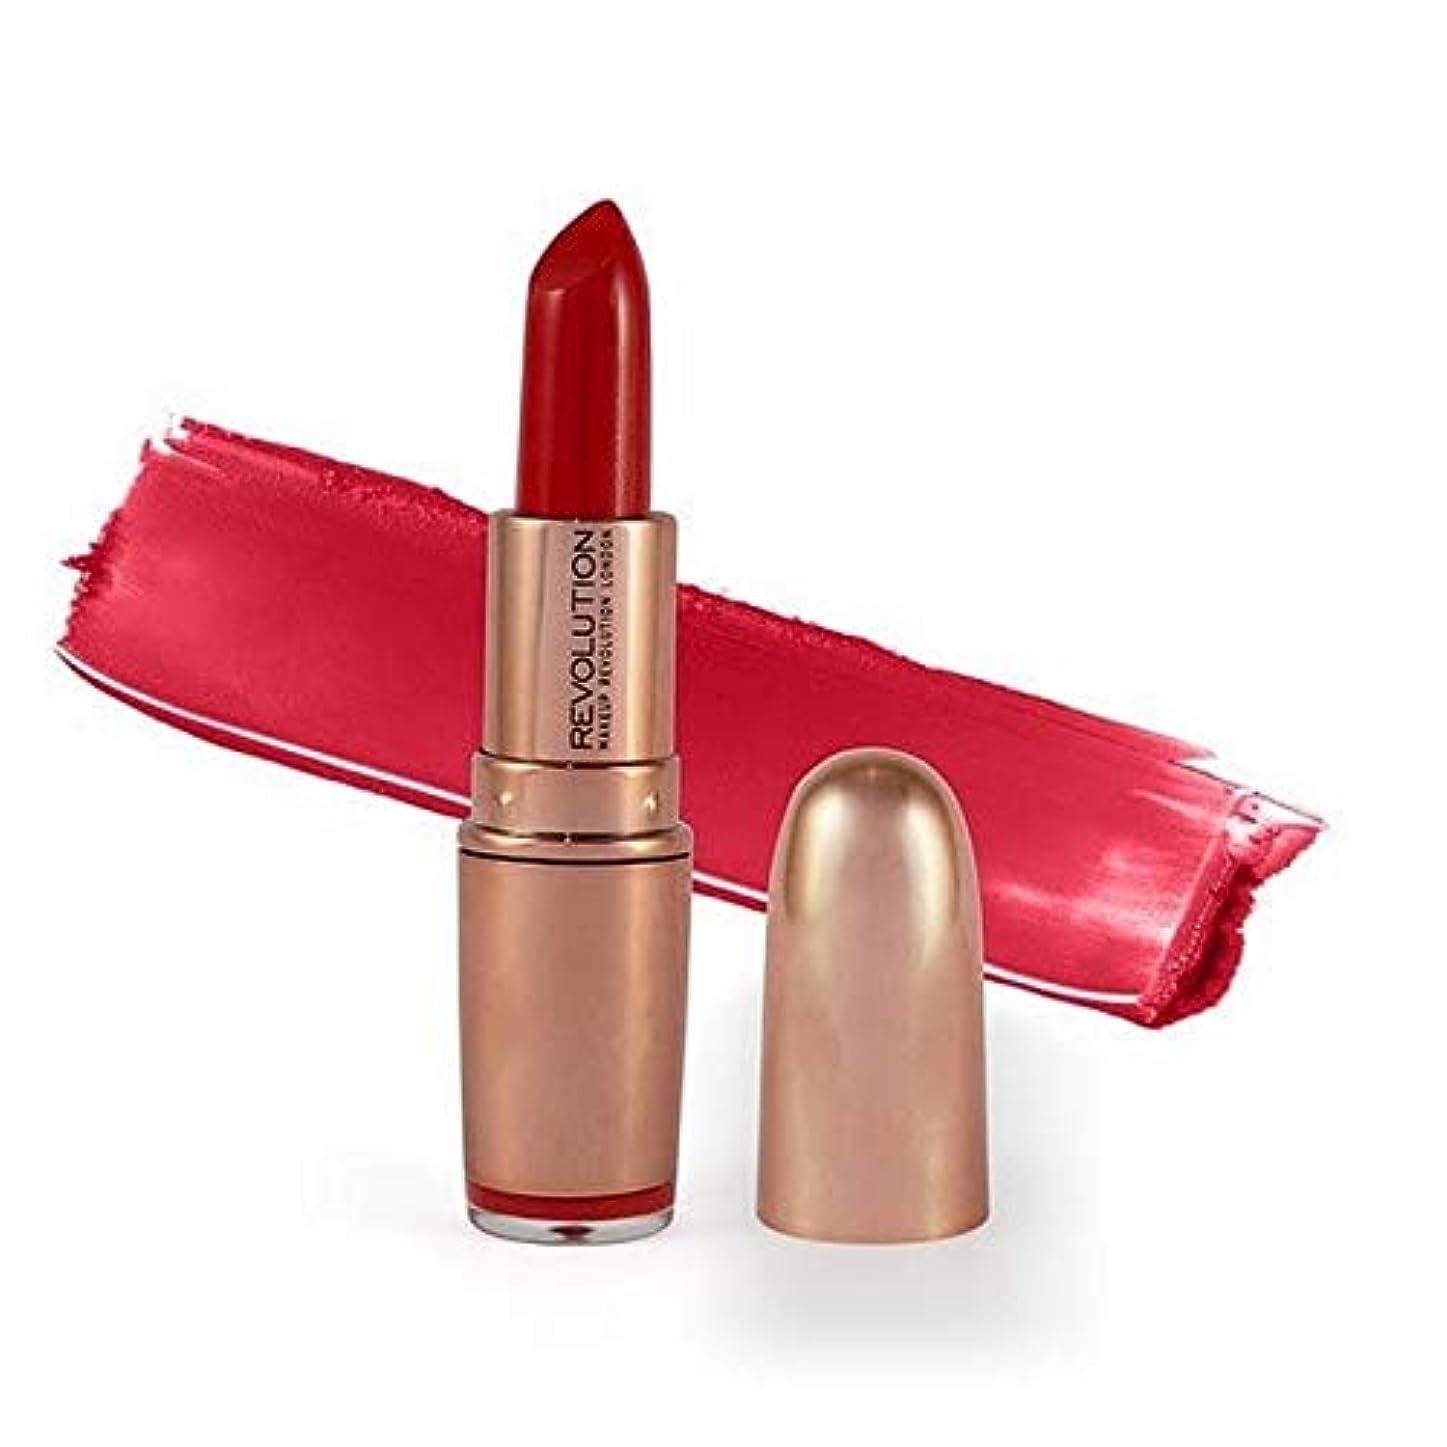 退屈磁器ガム[Revolution ] 革命は、金口紅レッドカーペット3.2グラムをバラ - Revolution Rose Gold Lipstick Red Carpet 3.2G [並行輸入品]